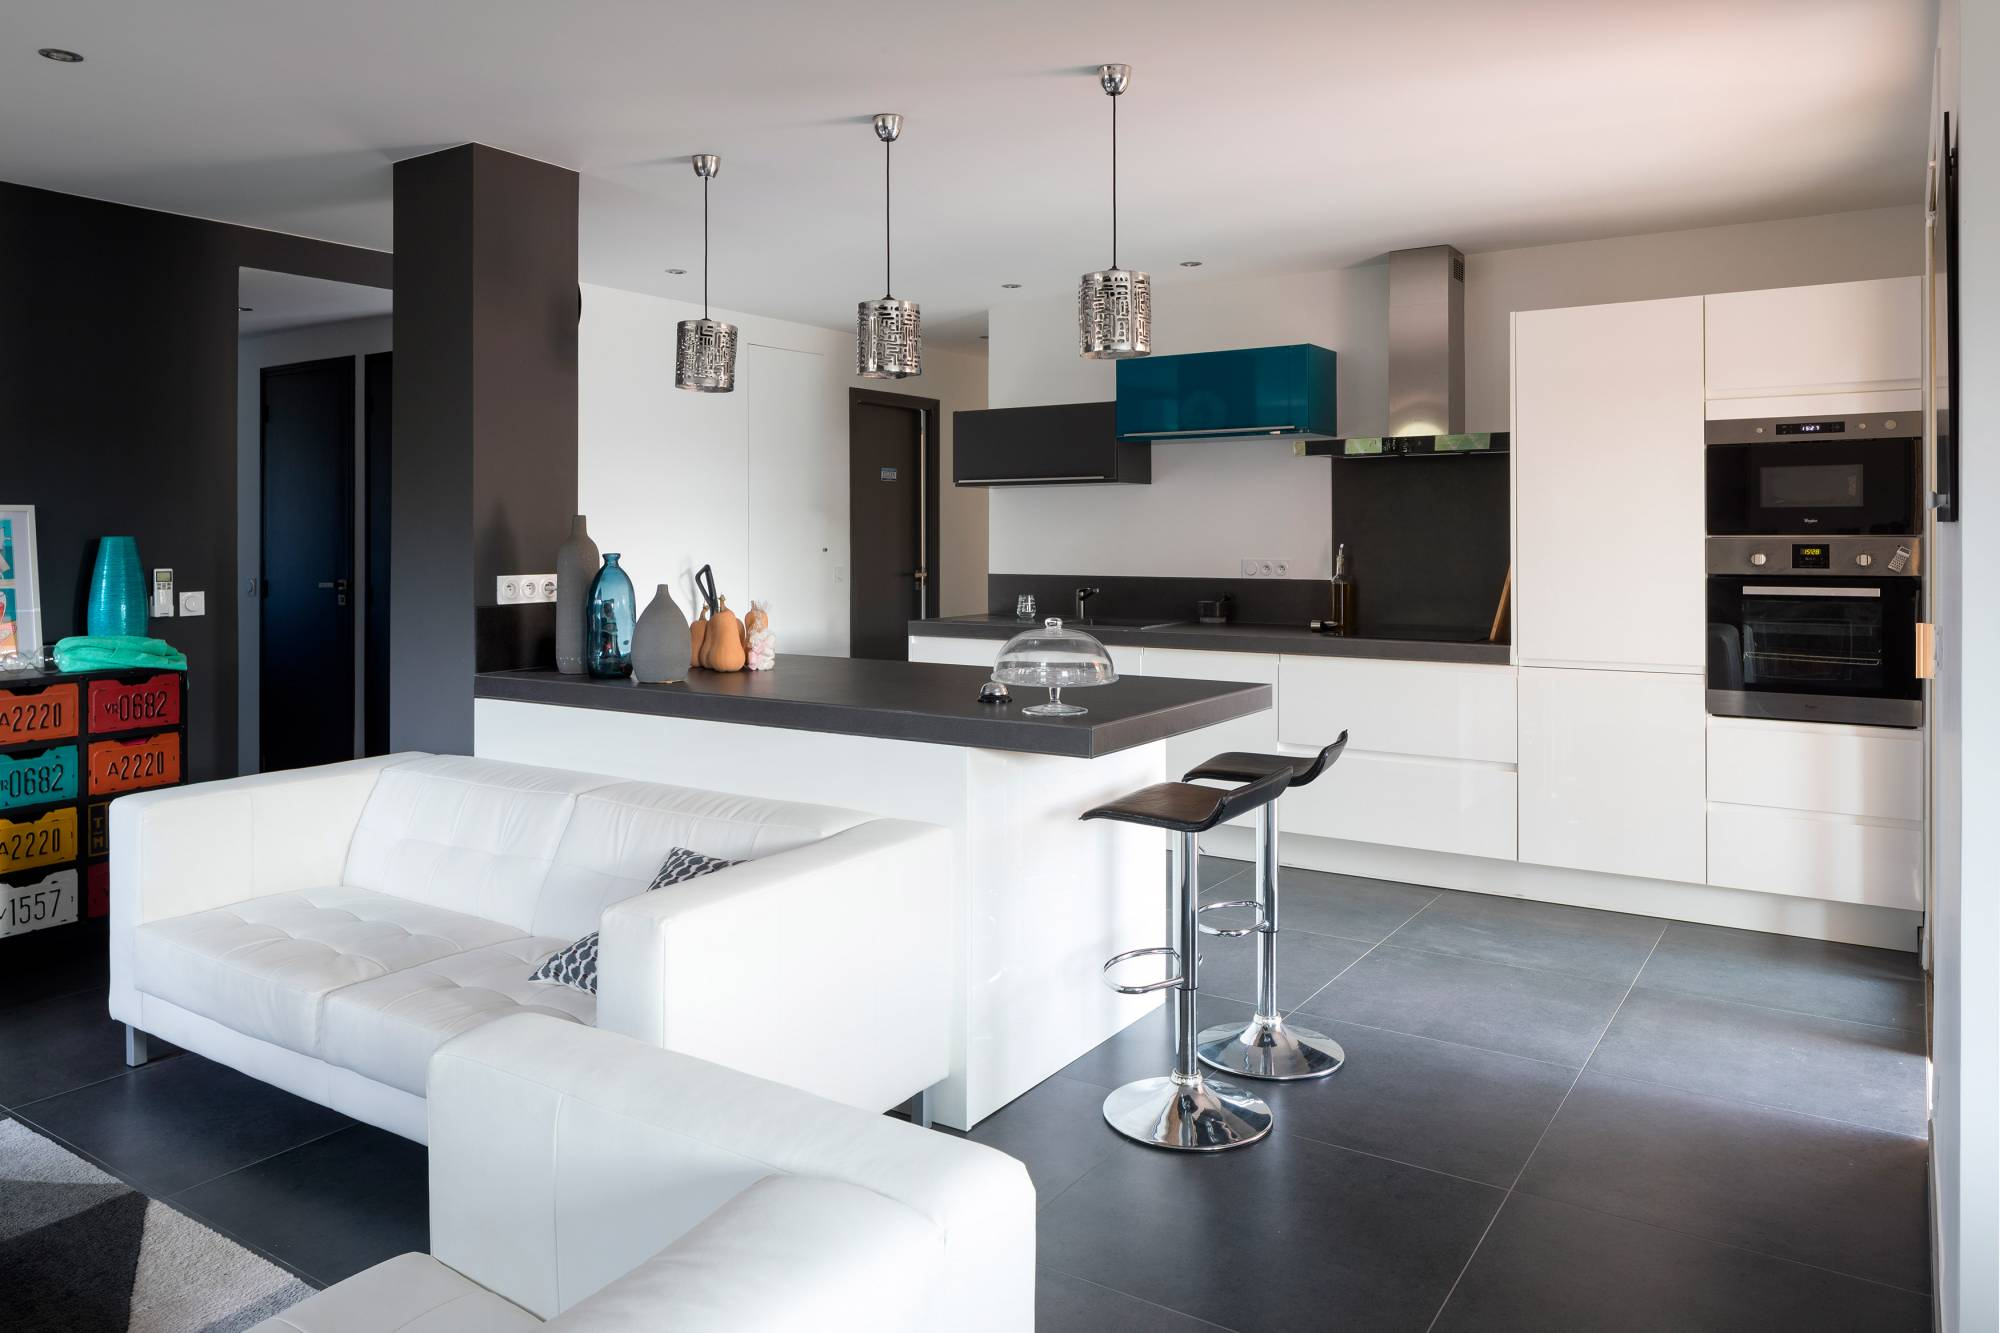 Cuisine Sur Mesure Blanc Brillant Plan De Travail Noir Eguilles Carrelage Interieur Et Exterieur A Eguilles Salle Bain Cuisine Et Terrasse